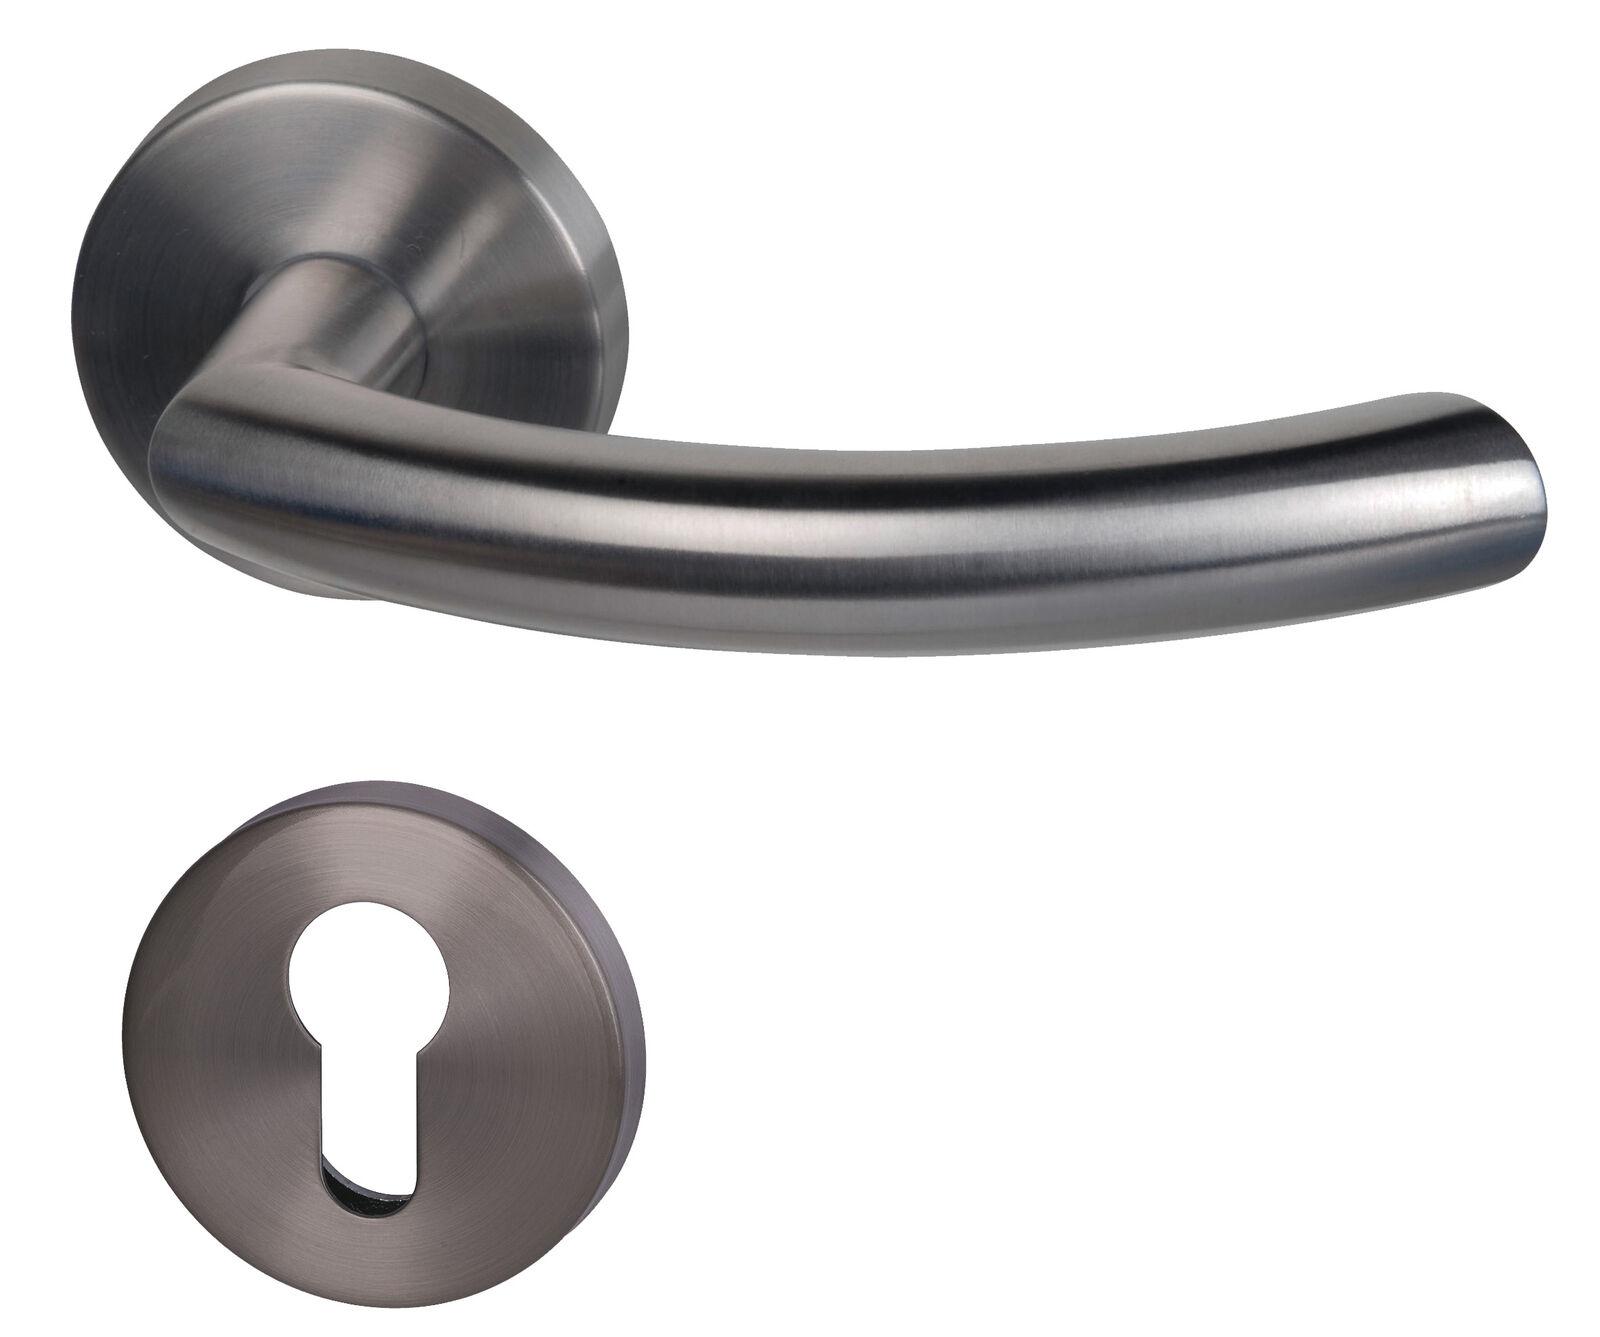 Südmetall Südmetall Südmetall Türbeschlag Jill Edelstahl für W-Eingangstüren 32511610 | Ein Gleichgewicht zwischen Zähigkeit und Härte  1b79af